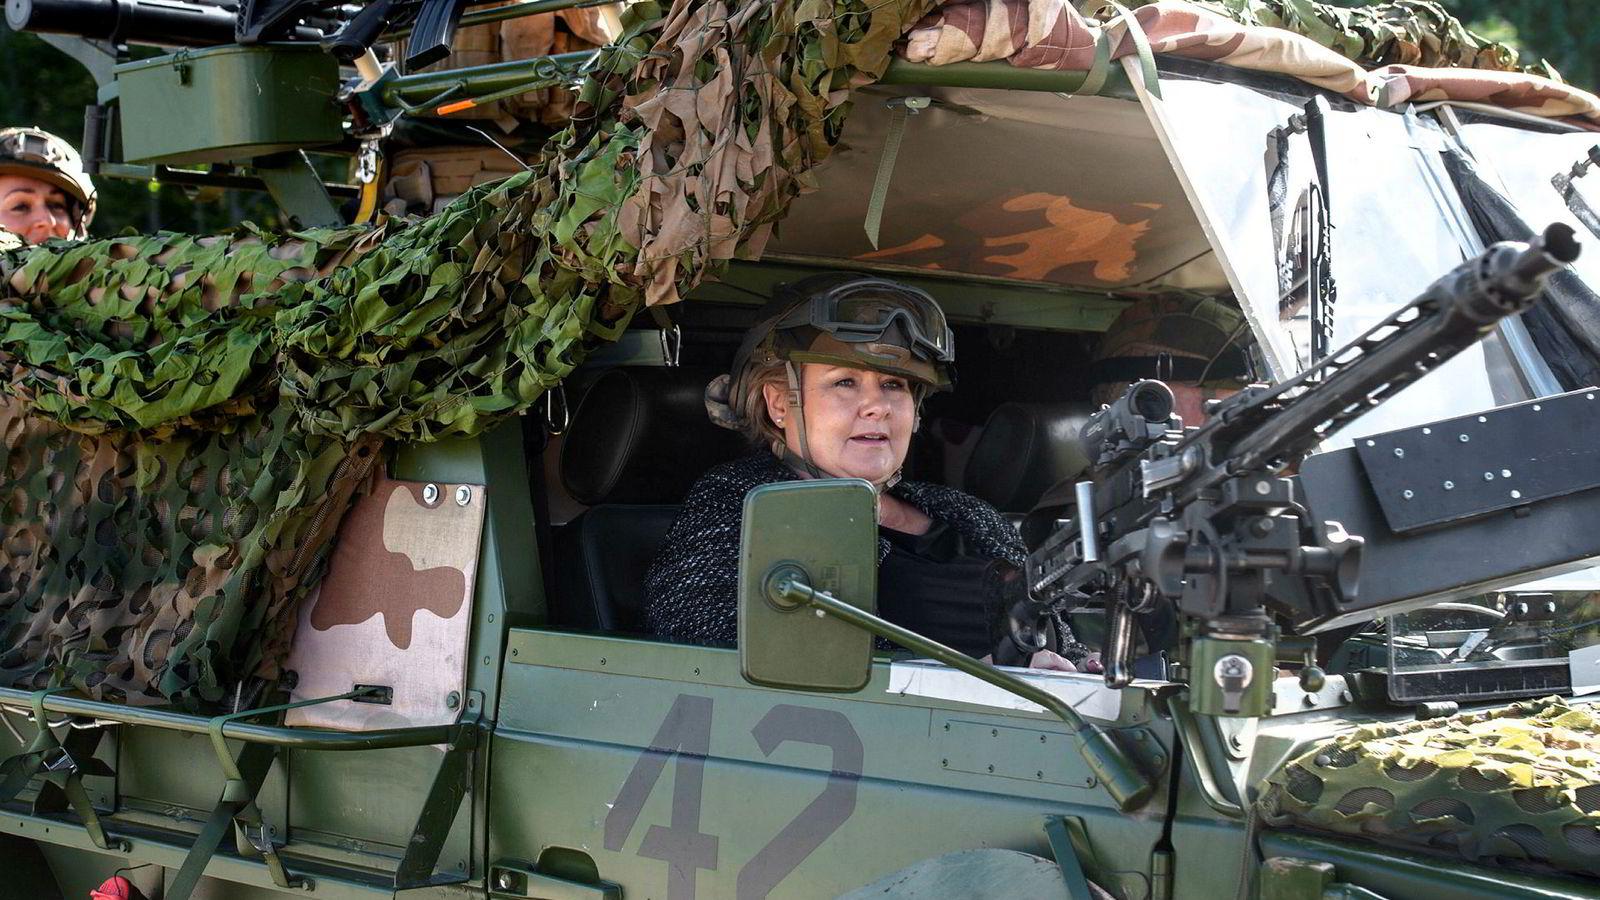 Statsminister Erna Solberg varsler et kartleggingstokt etter olje og gass helt inn til russergrensen. Tirsdag var Solberg på besøk på Værnes Garnison. Der møtte hun utstasjonerte amerikanske soldater og HV 12.